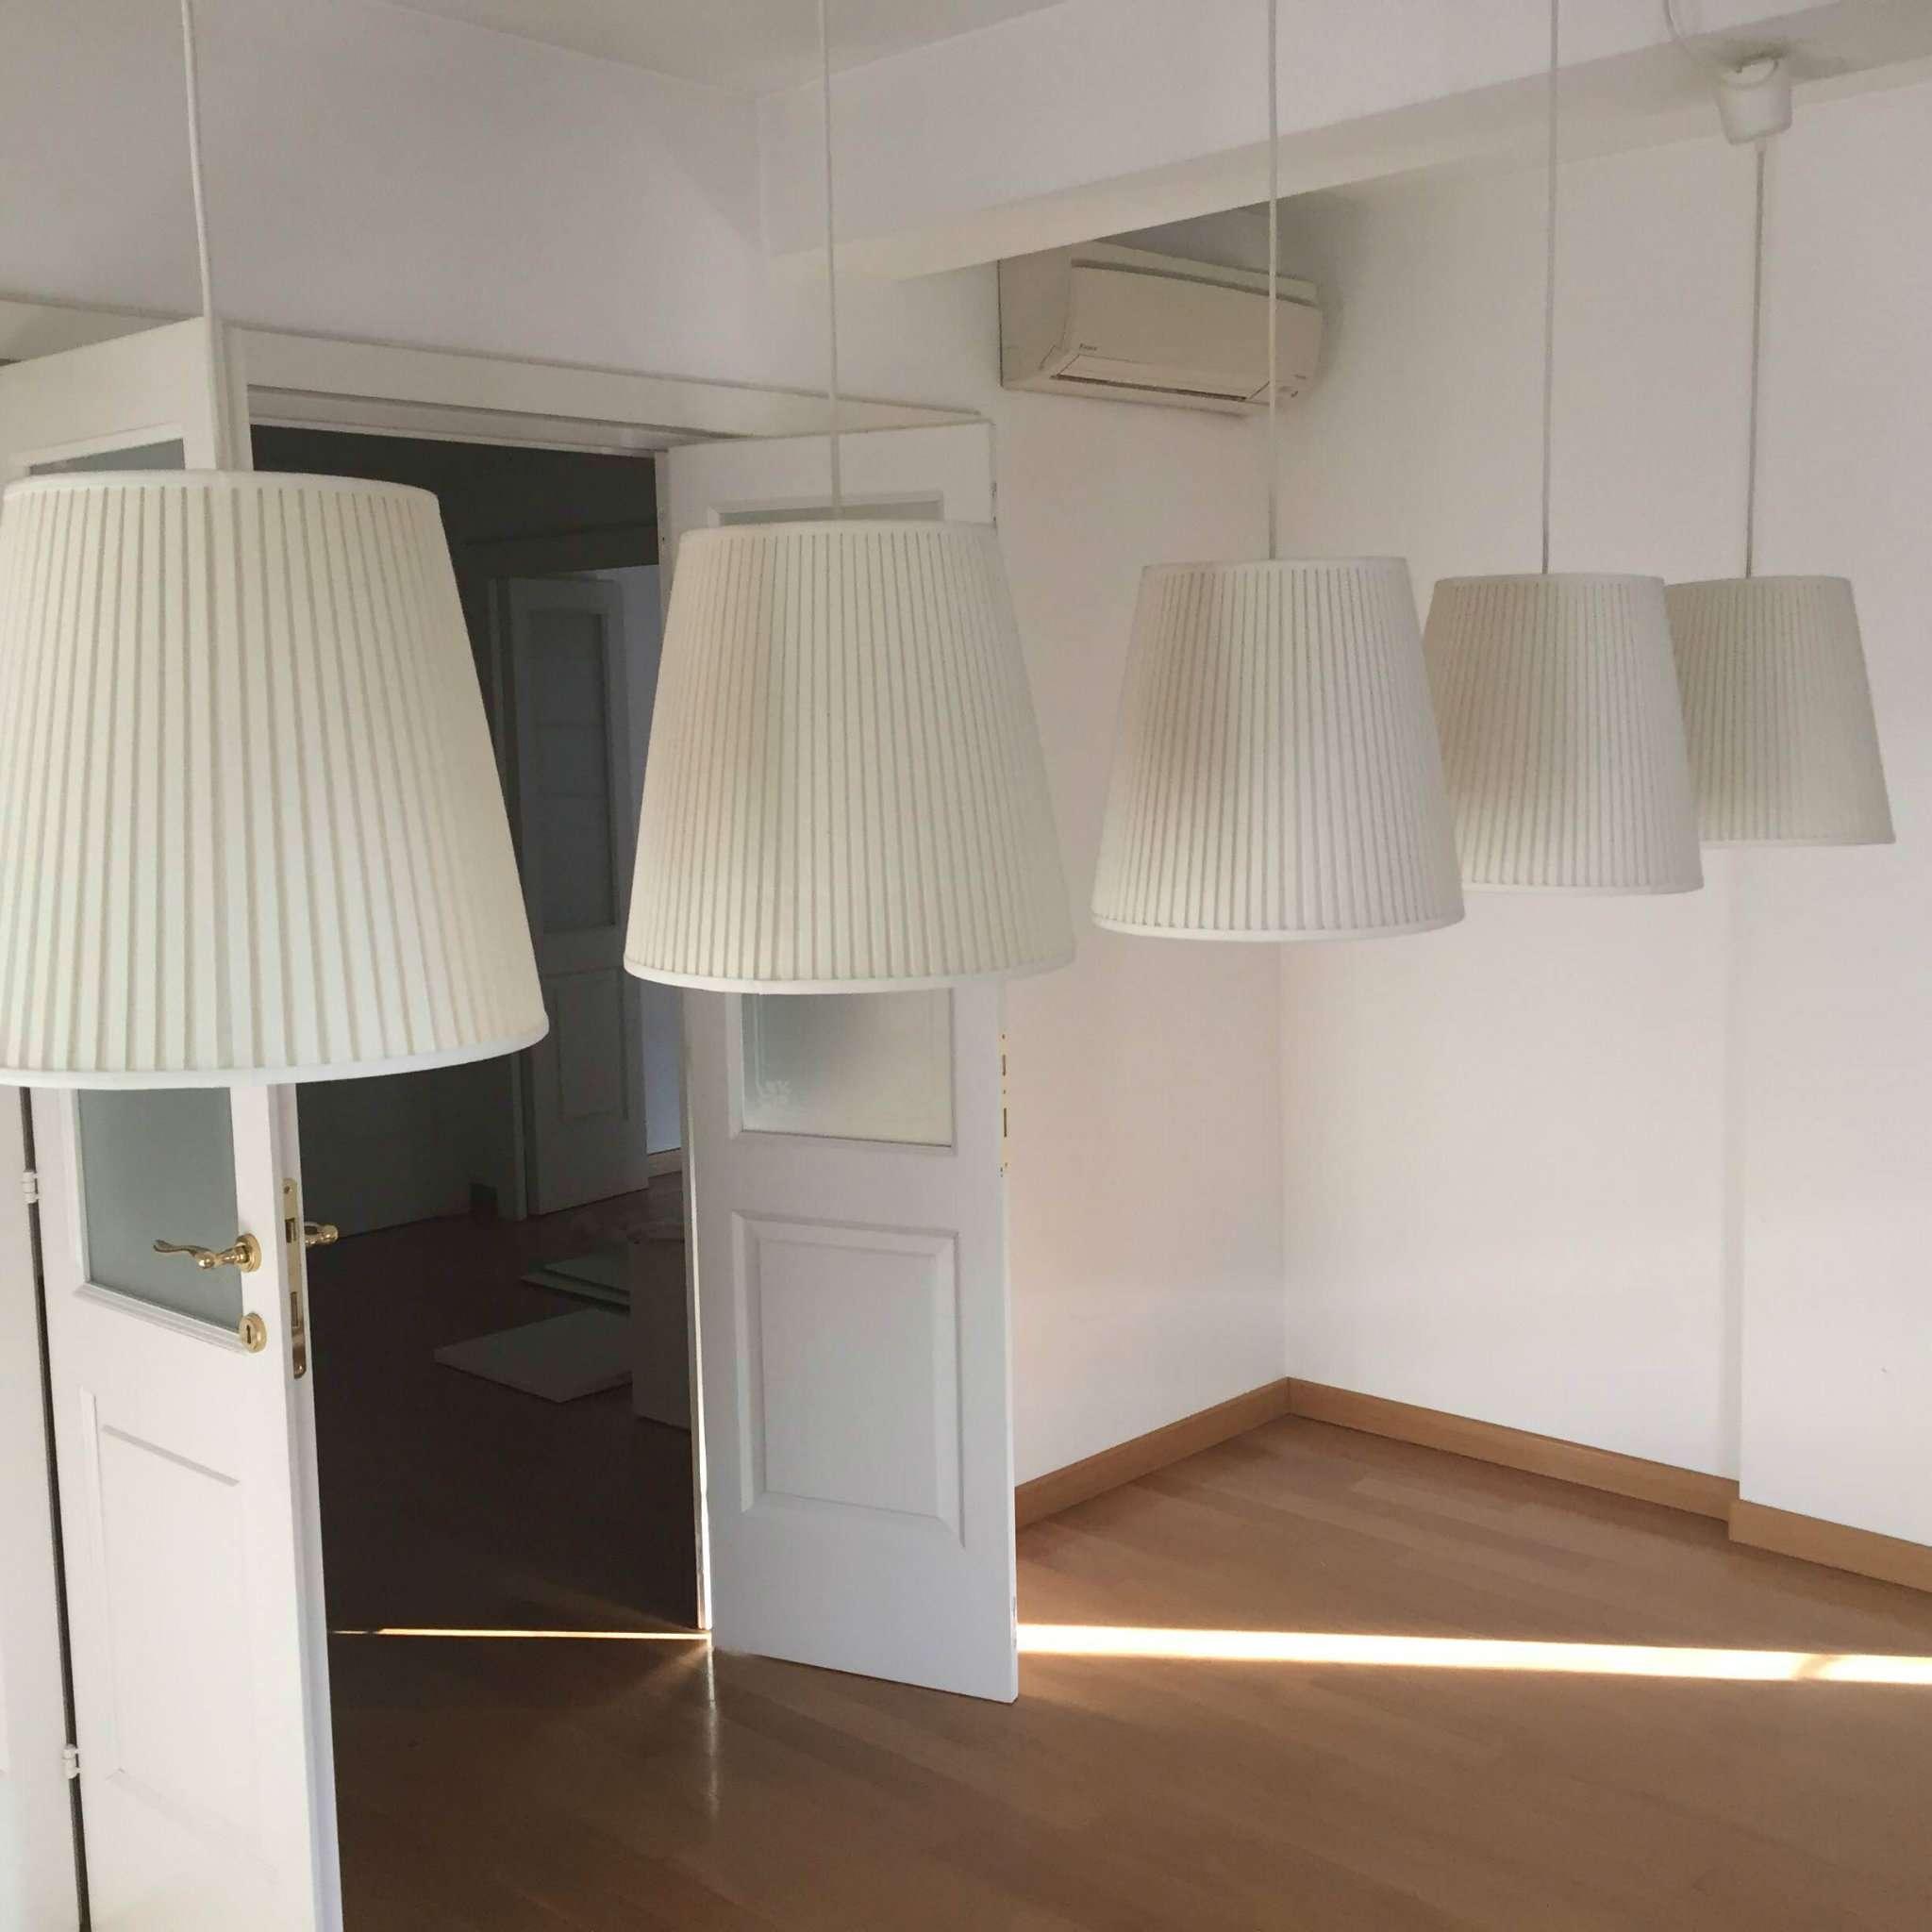 Appartamento in affitto a Milano, 3 locali, zona Zona: 1 . Centro Storico, Duomo, Brera, Cadorna, Cattolica, prezzo € 3.300 | Cambio Casa.it